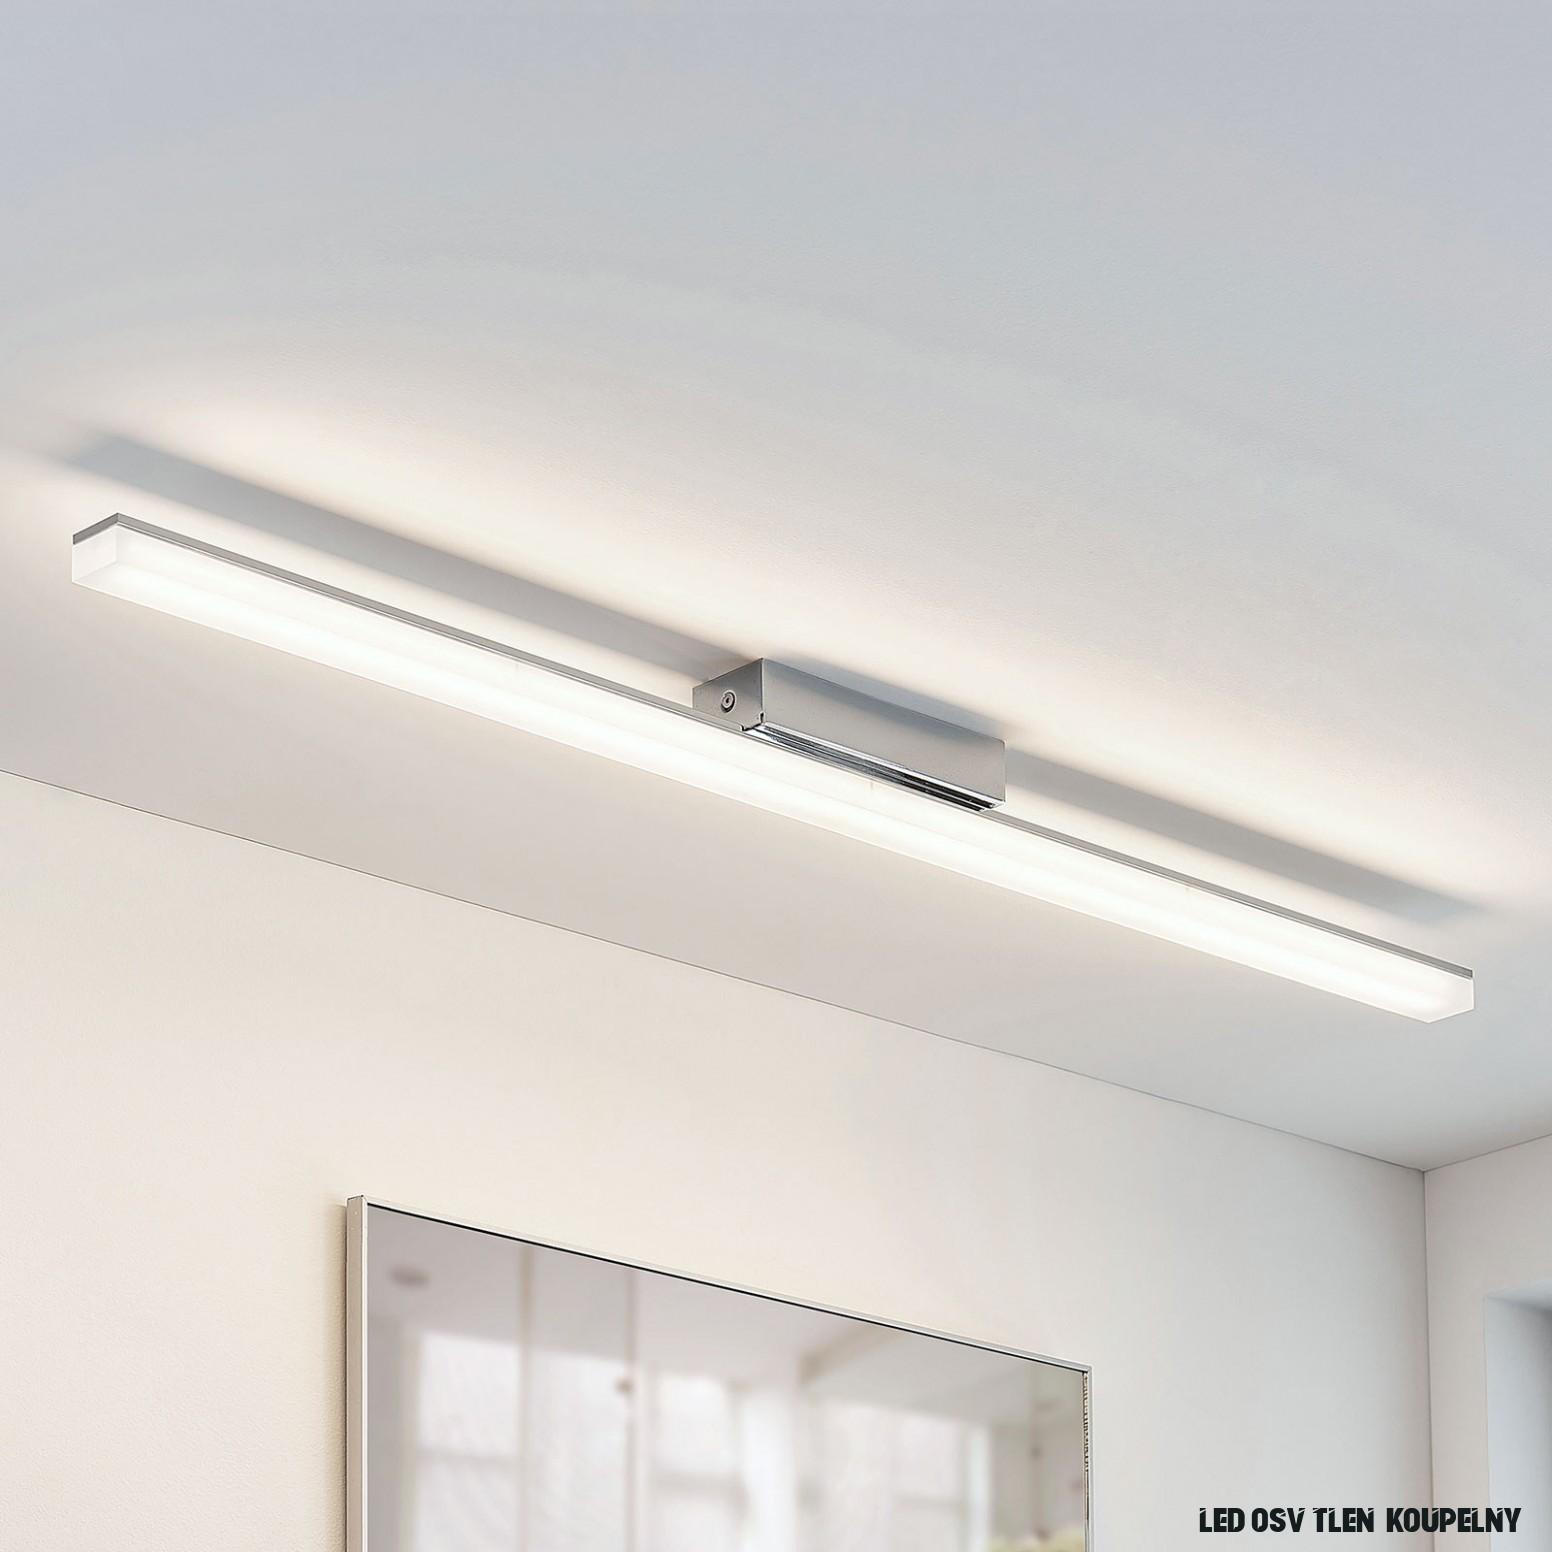 Levke - LED stropní osvětlení do koupelny